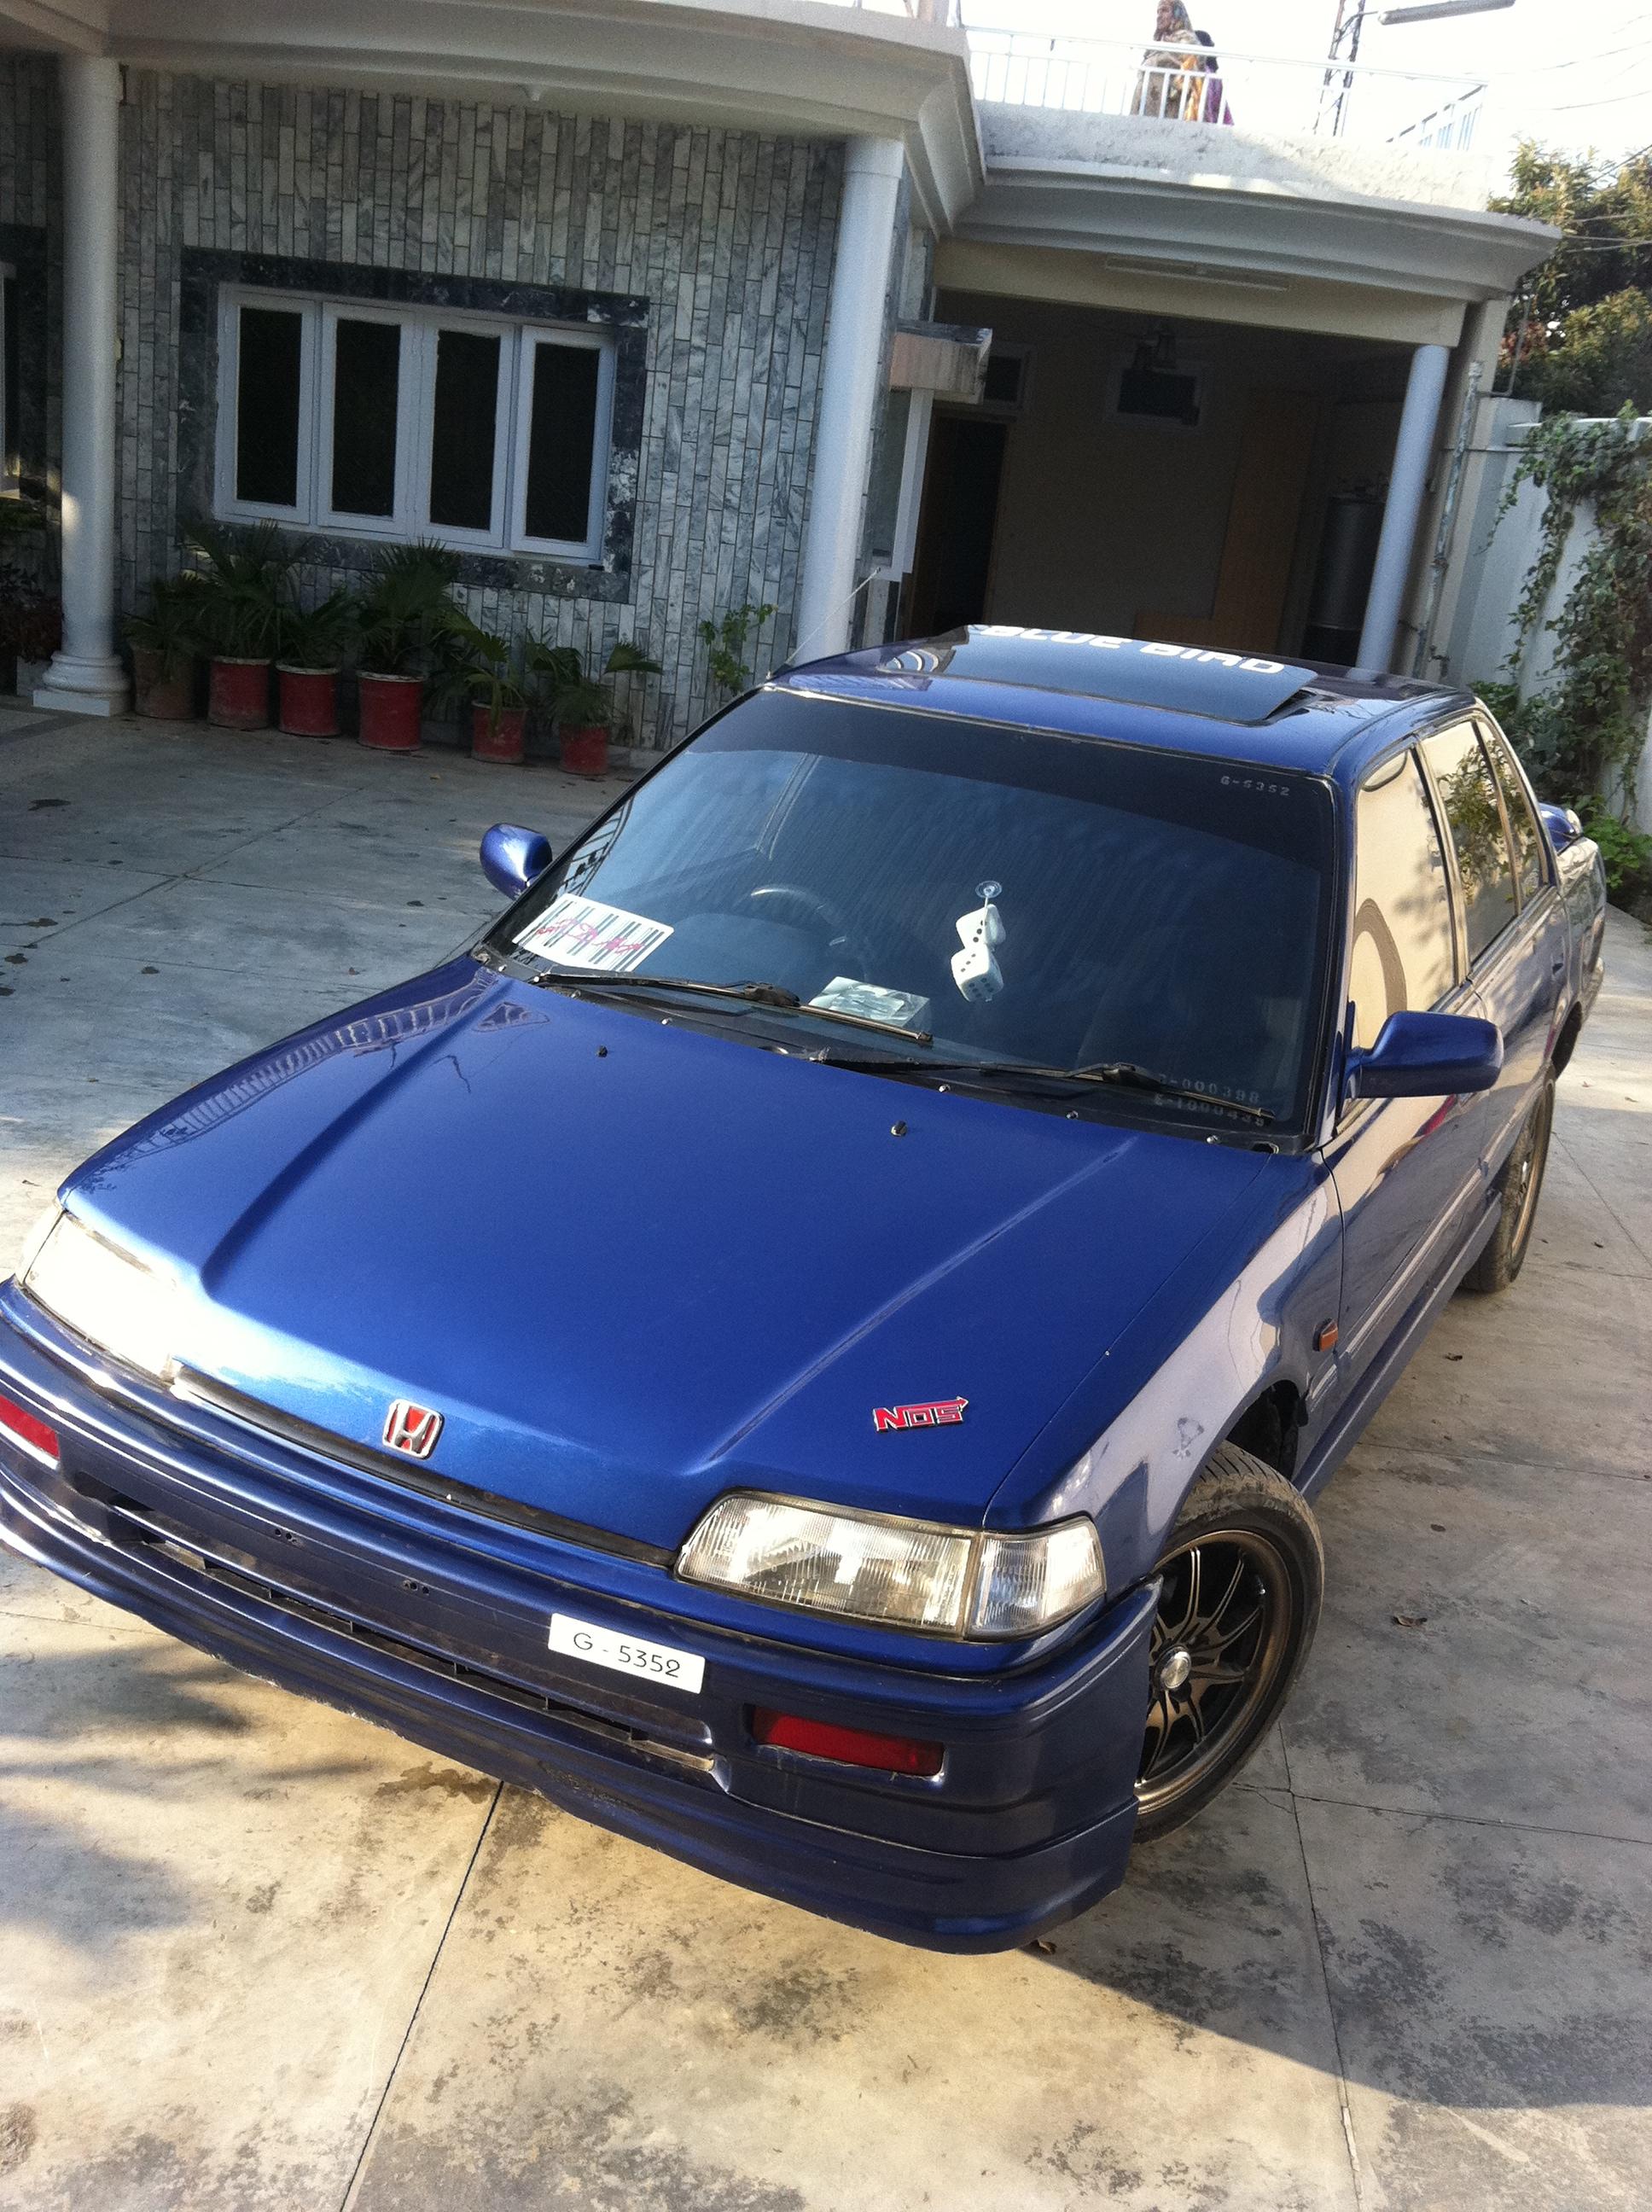 Honda Civic 1988 of drifter2 - Member Ride 17076 | PakWheels